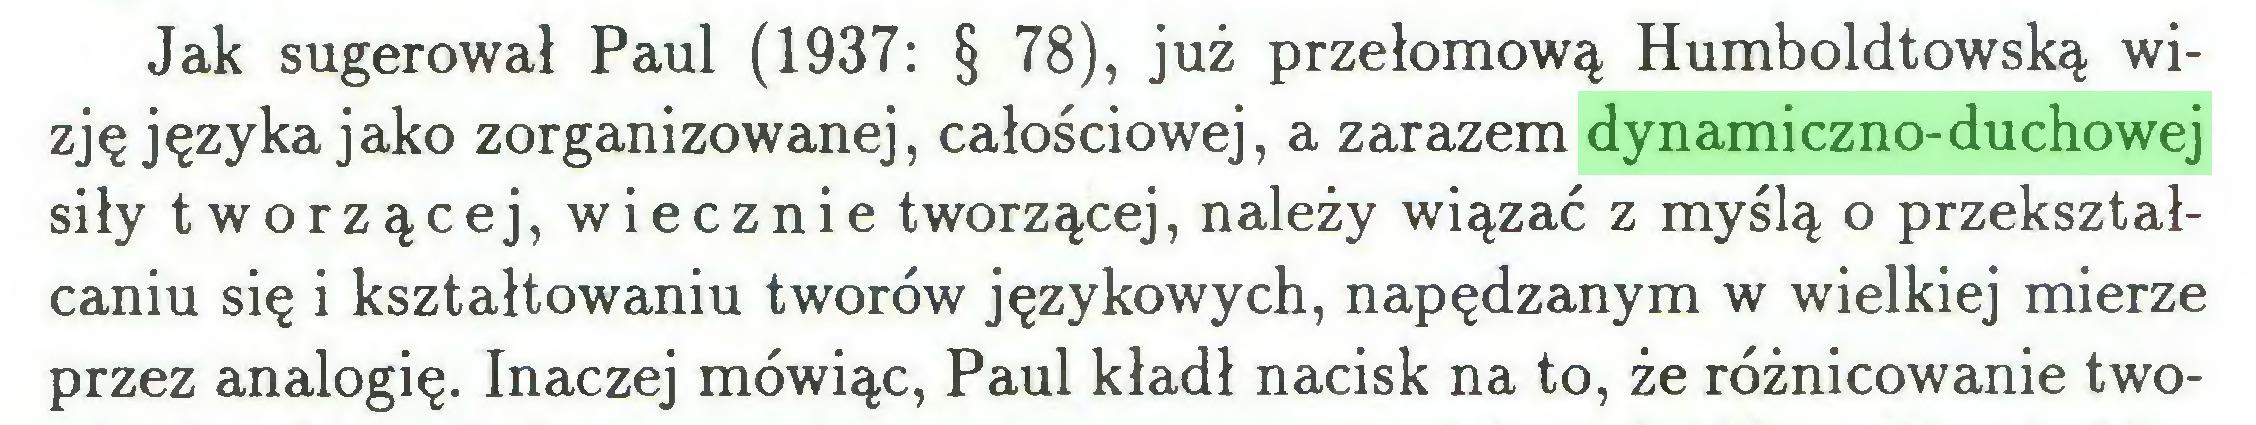 (...) Jak sugerował Paul (1937: § 78), już przełomową Humboldtowską wizję języka jako zorganizowanej, całościowej, a zarazem dynamiczno-duchowej siły tworzącej, wiecznie tworzącej, należy wiązać z myślą o przekształcaniu się i kształtowaniu tworów językowych, napędzanym w wielkiej mierze przez analogię. Inaczej mówiąc, Paul kładł nacisk na to, że różnicowanie two...